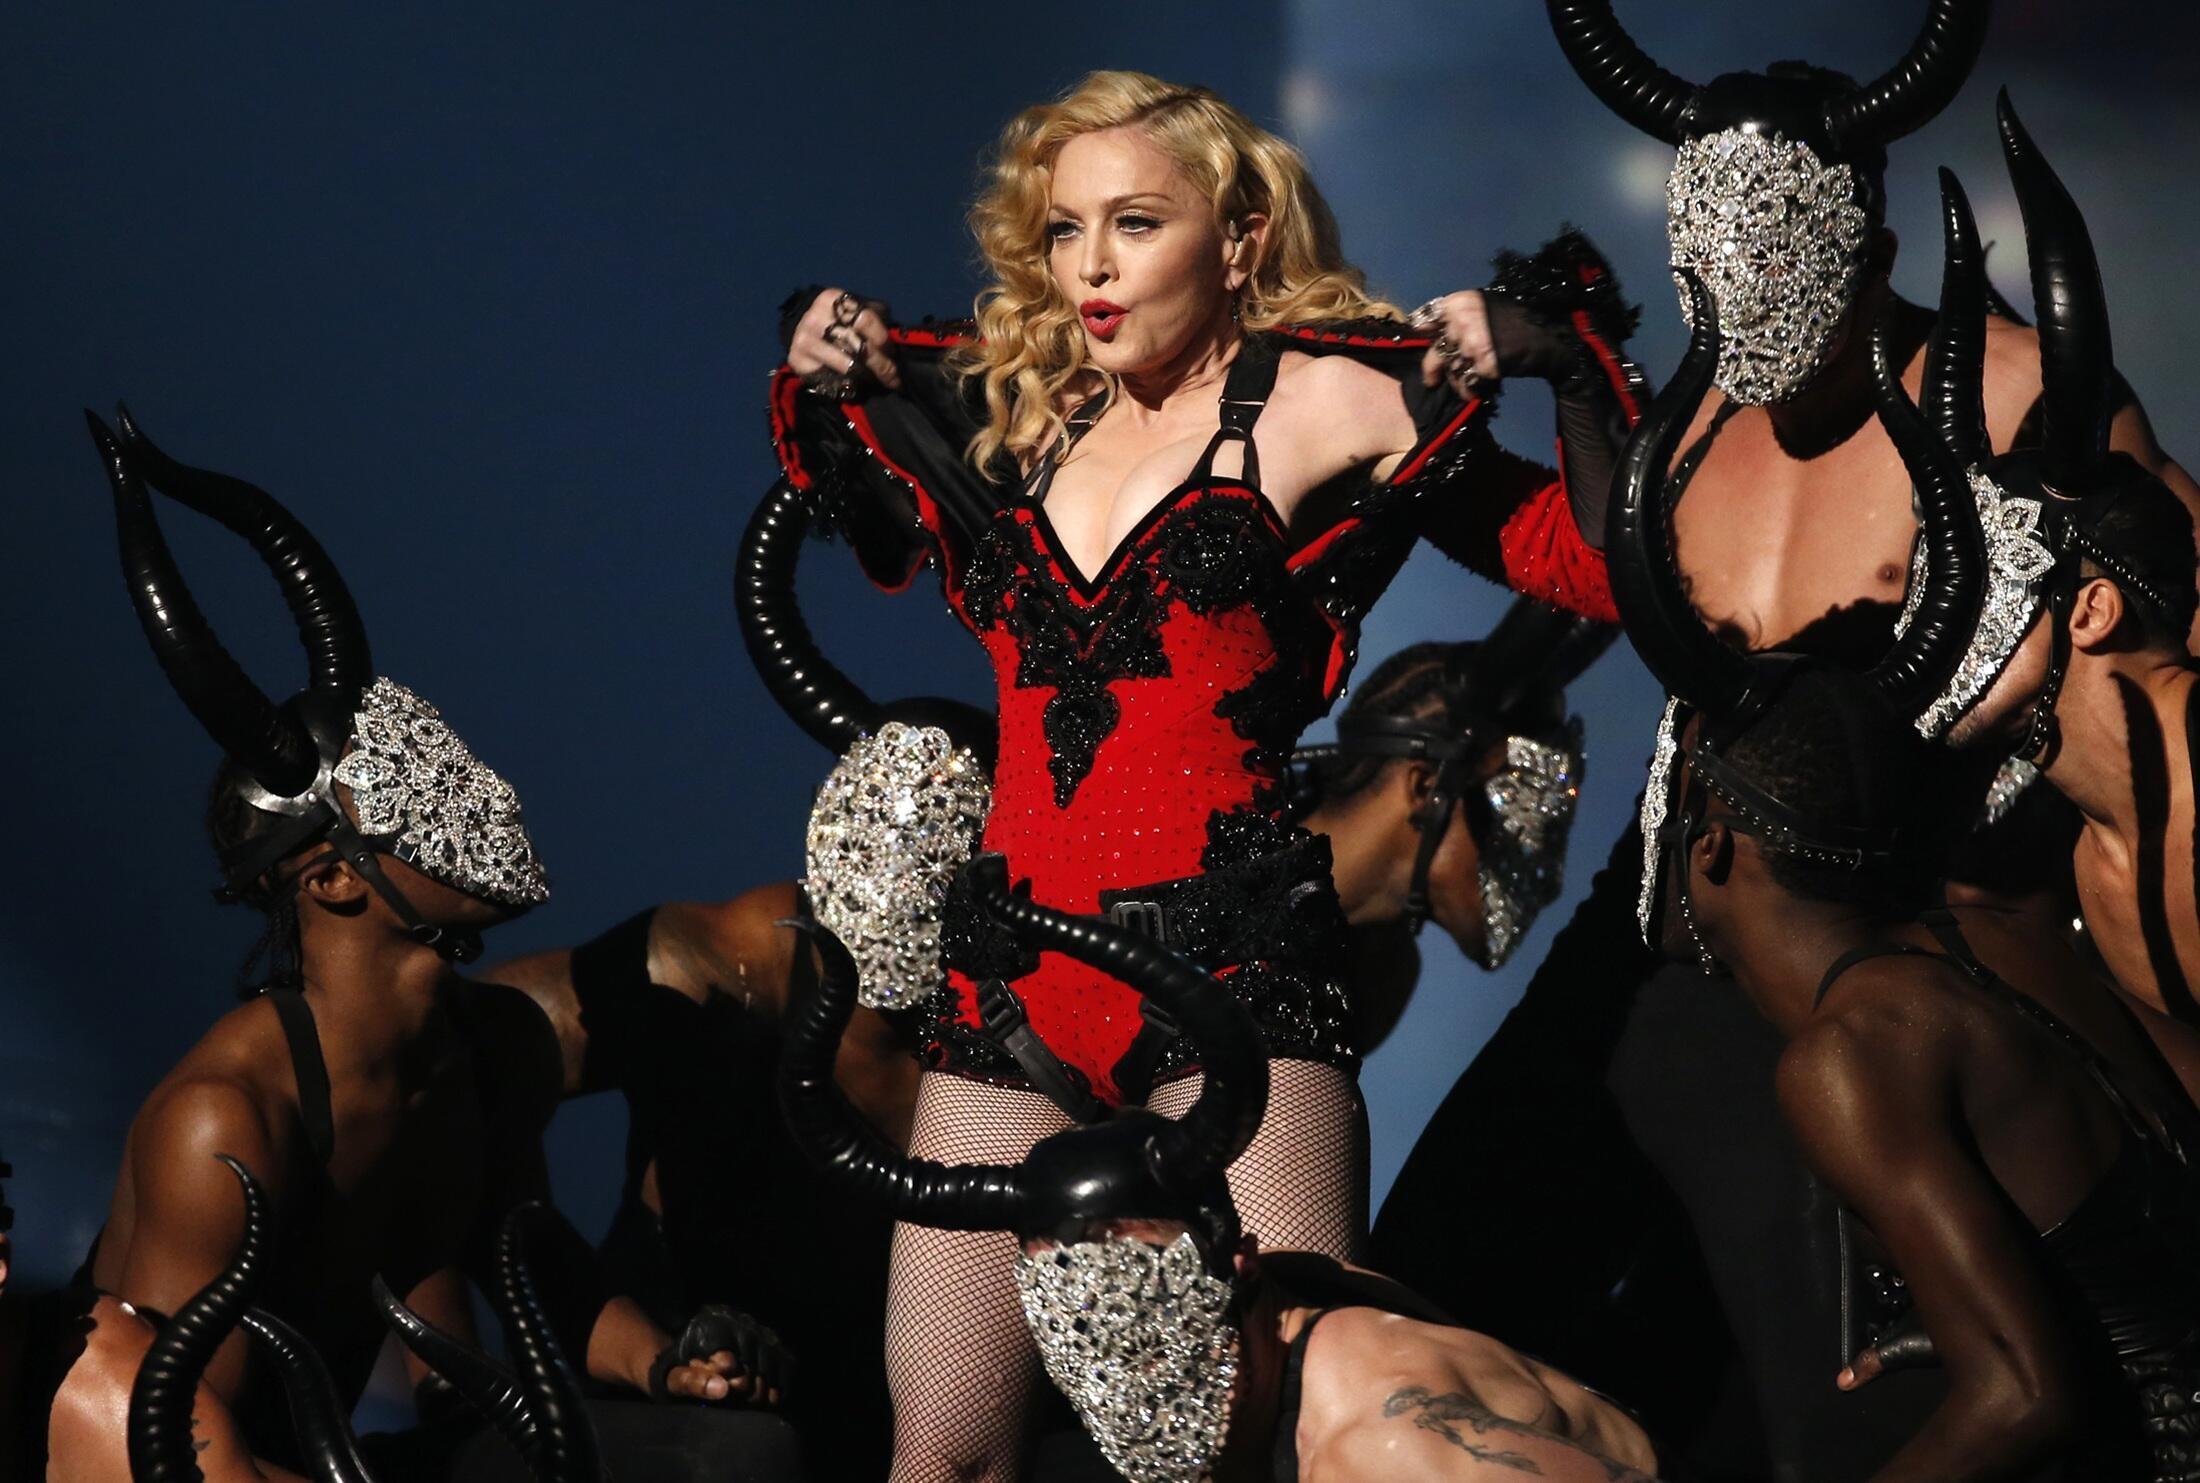 """Madonna presenta su show """"Living For Love"""" en la 57a entrega de los premios Grammy en Los Angeles, California, el 8 de febrero de 2015."""